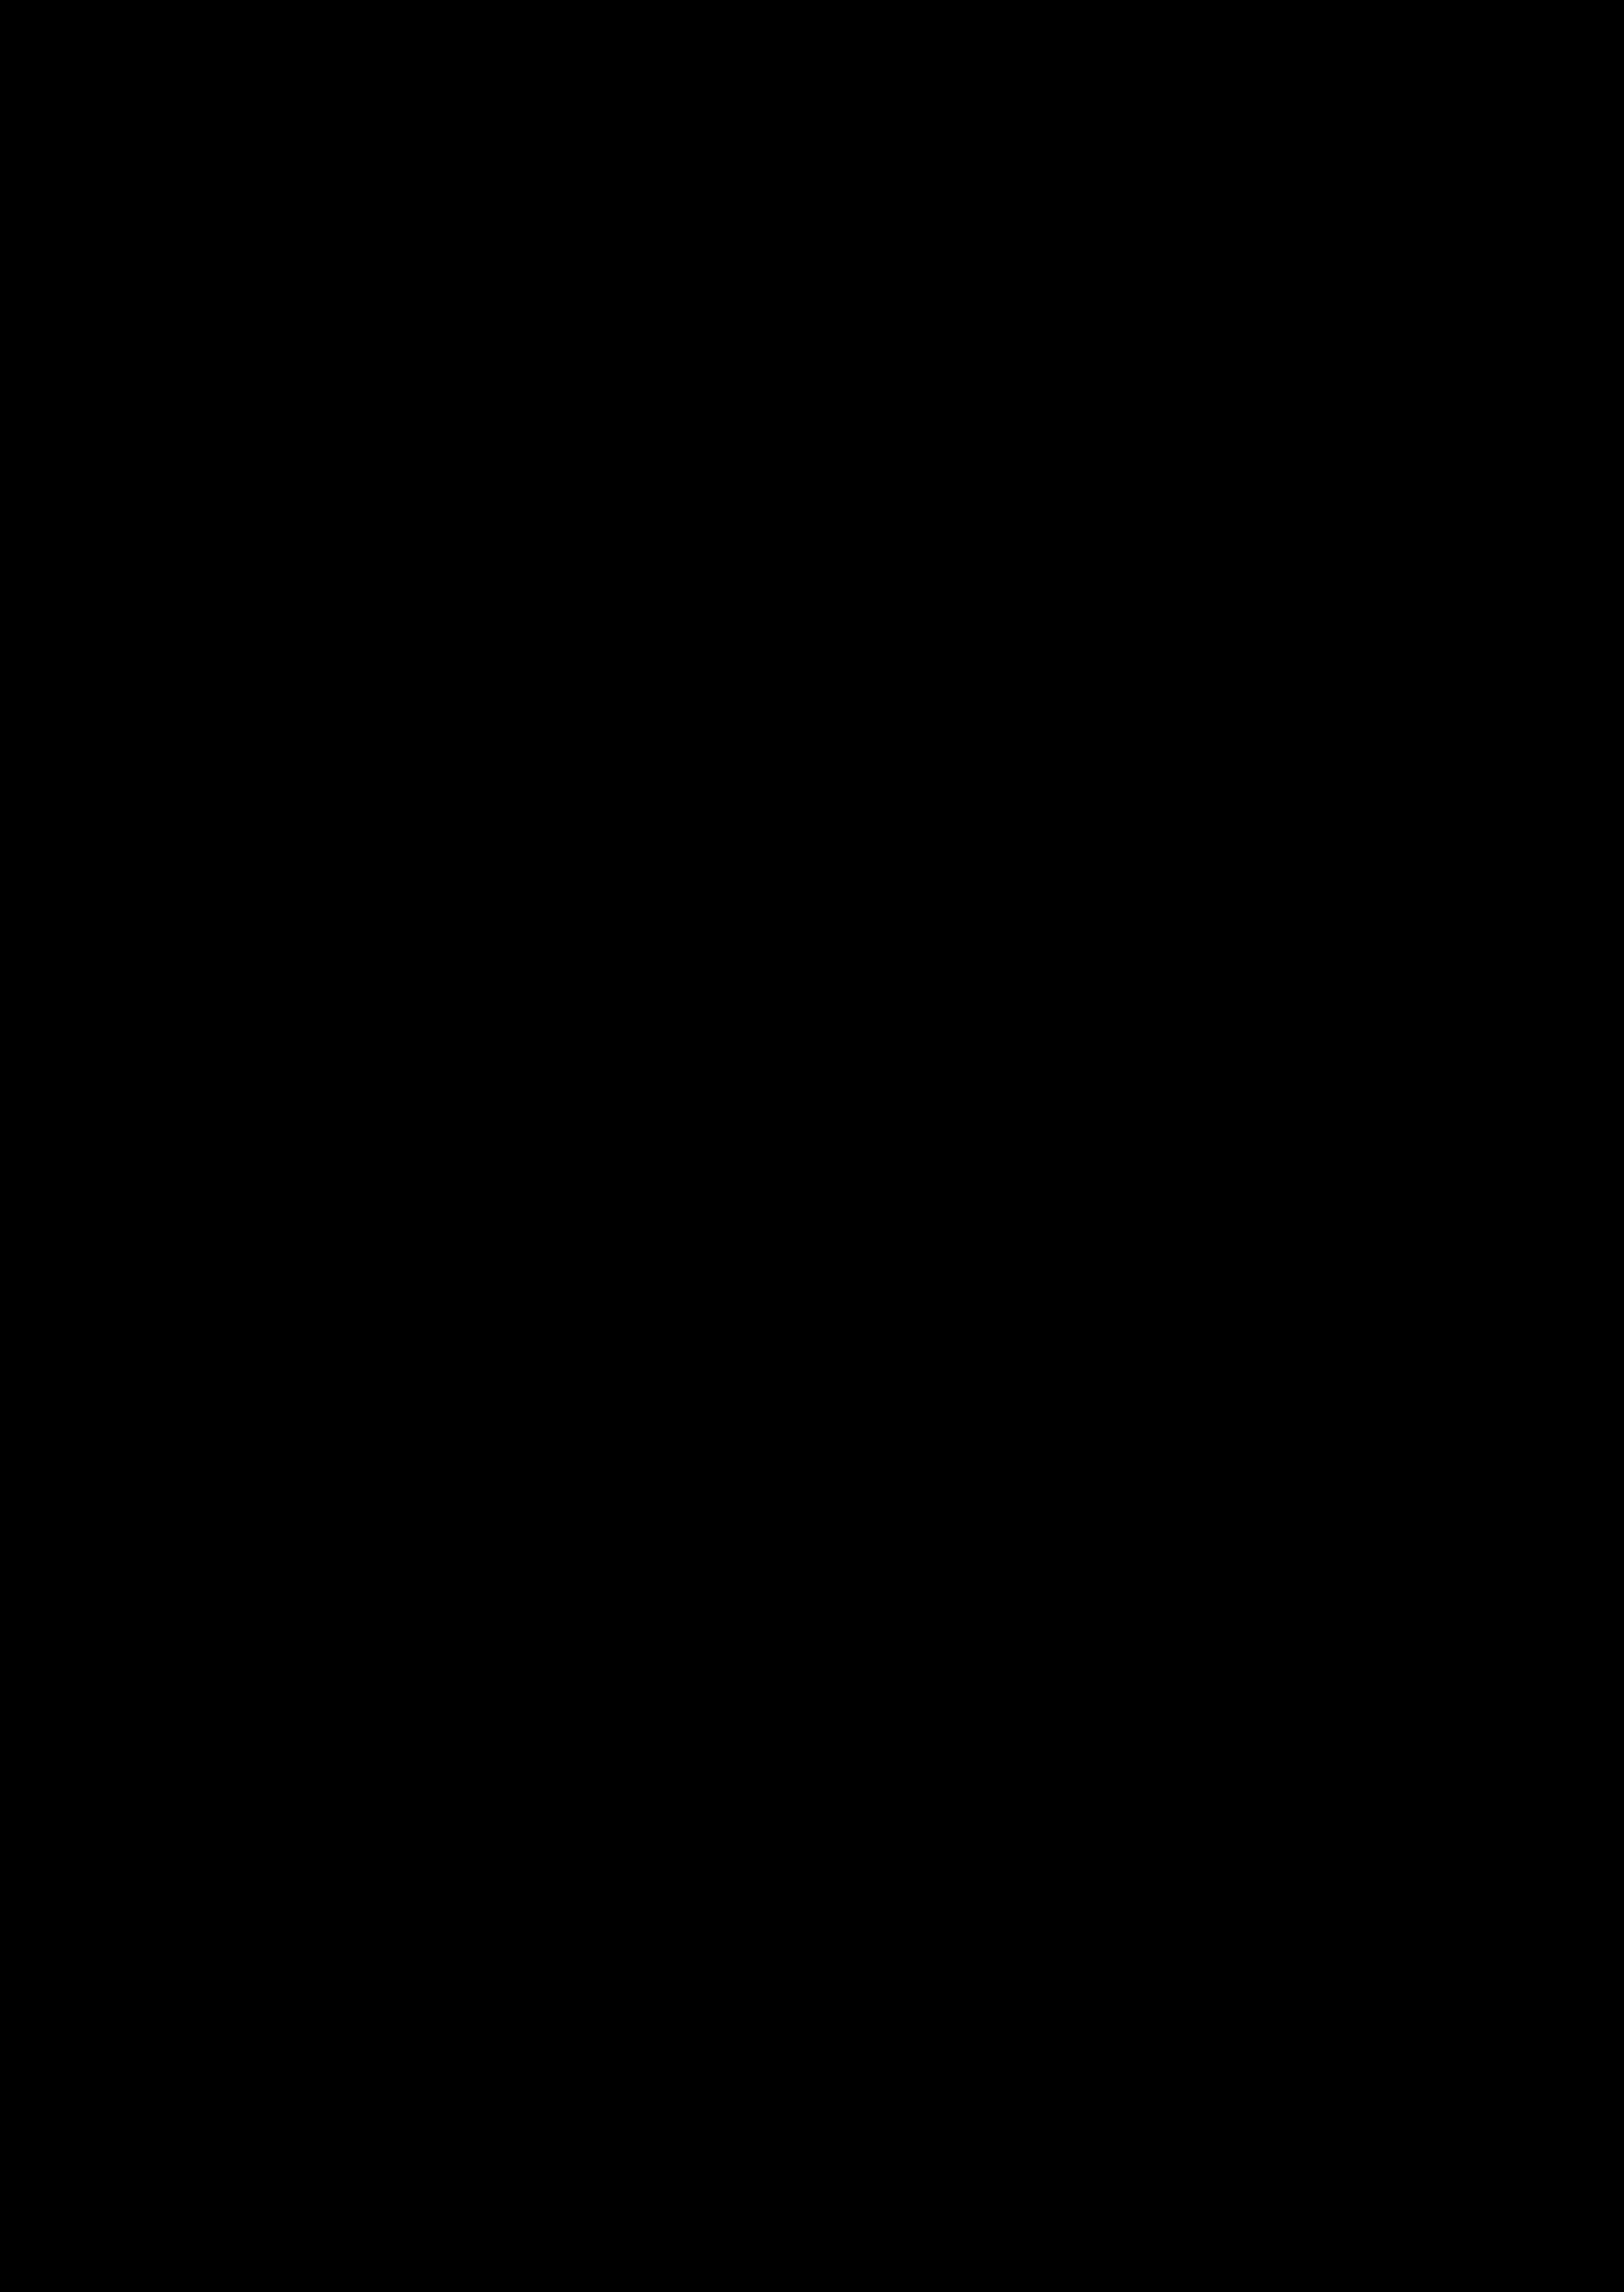 Seminario de Prensa y Poder Desempeño de roles profesionales en la prensa mexicana: el periodismo watchdog en perspectiva comparada